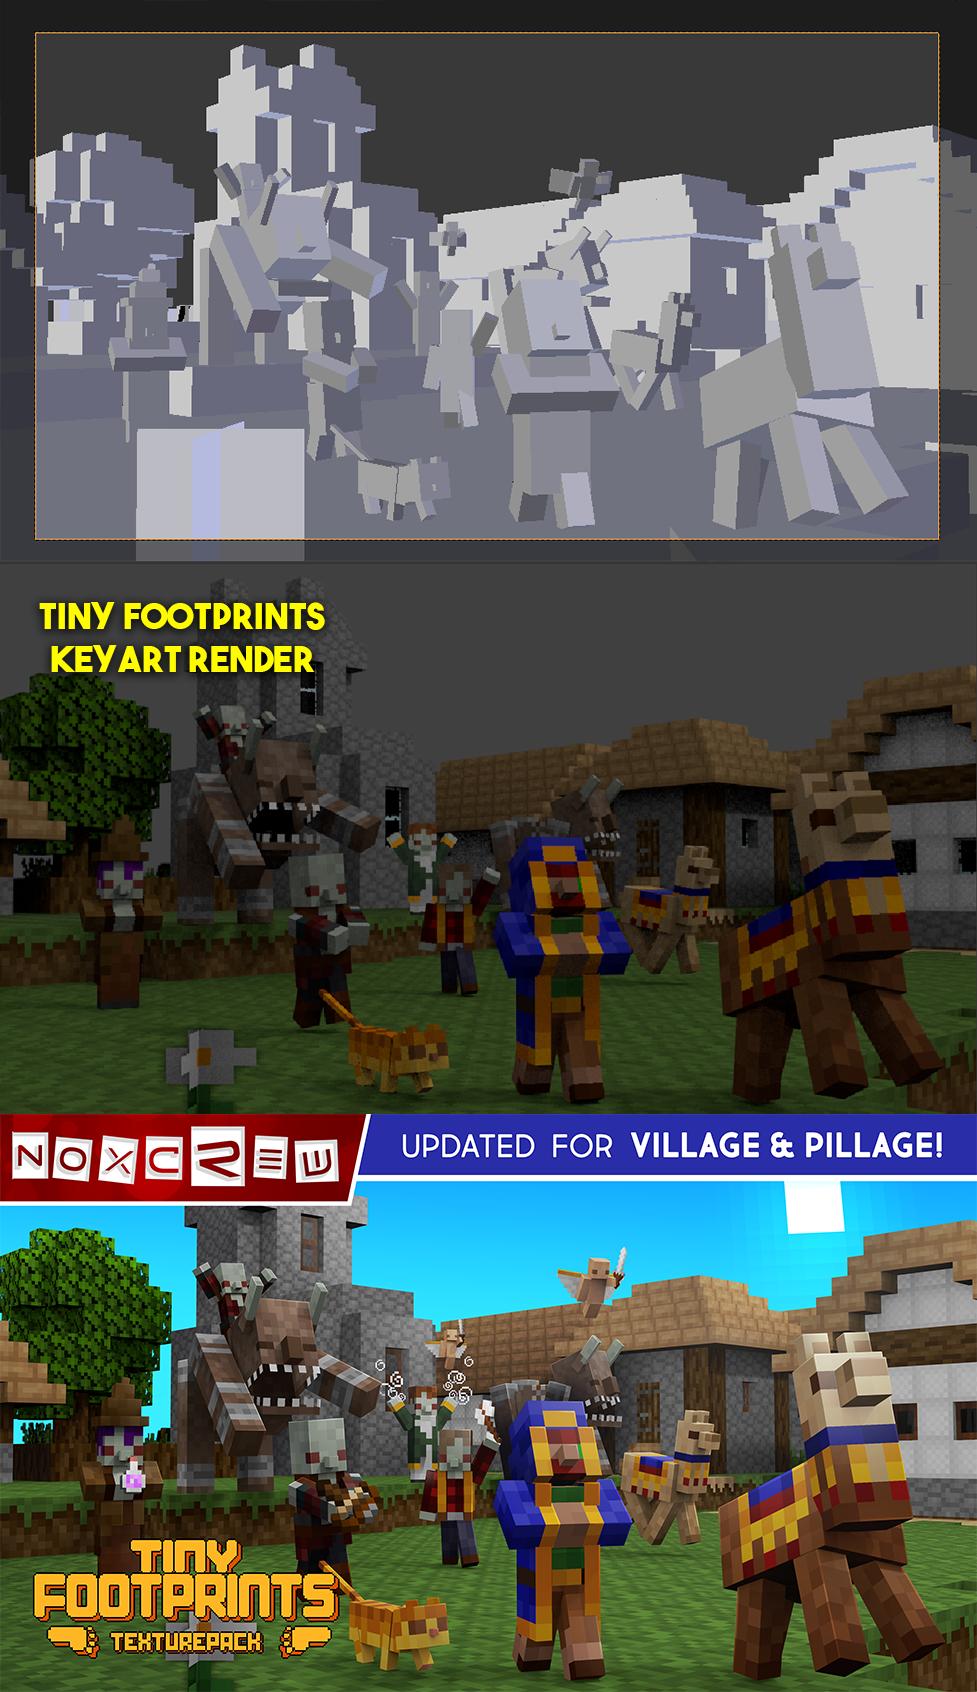 Noxcrew-Tiny-Footprint-Keyart.png